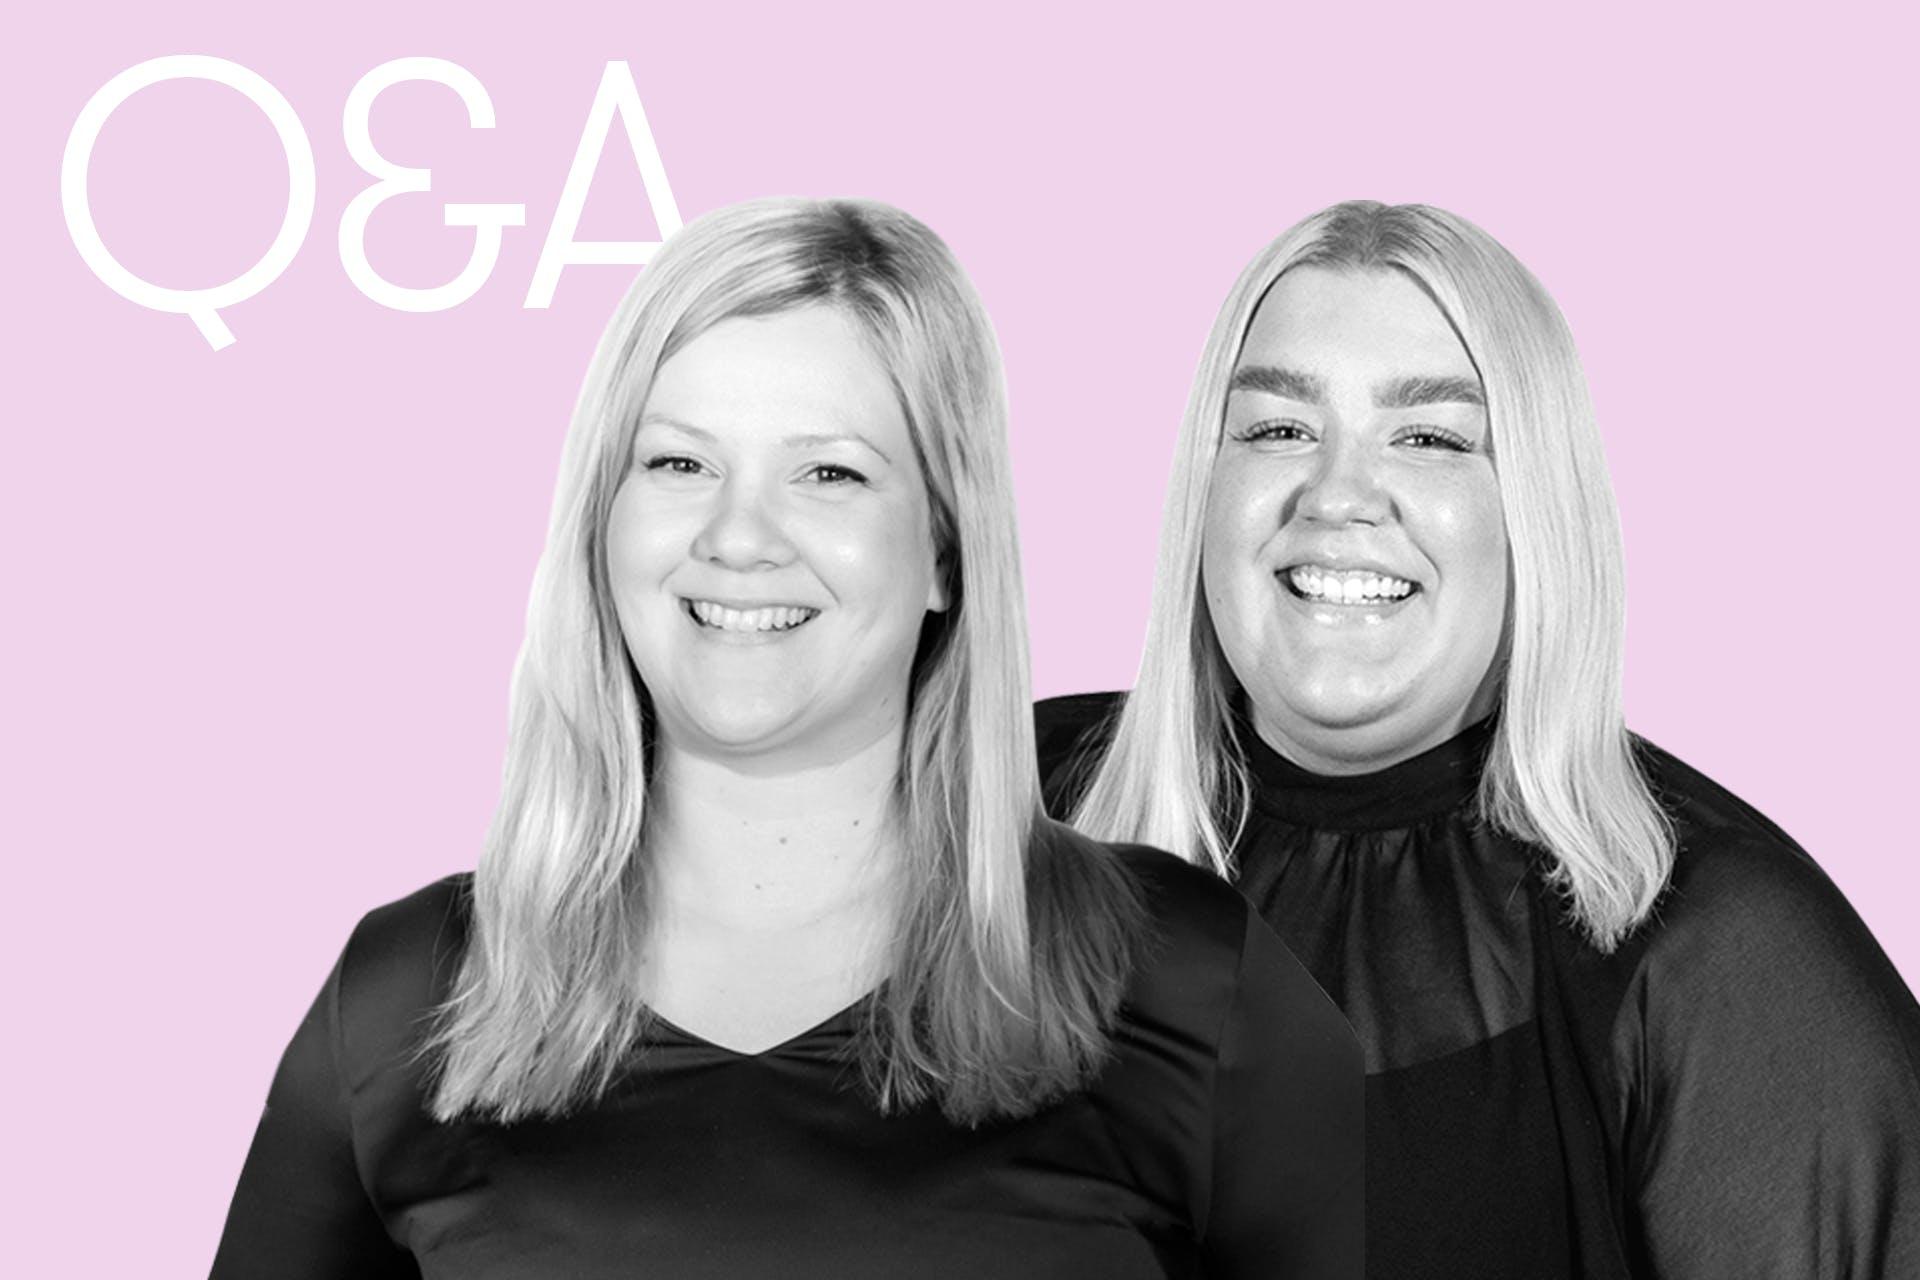 TikTok-webinaarin puhujat Tiina Raittinen ja Anette Vierimaa vastaavat webinaarissa esitettyihin kysymyksiin